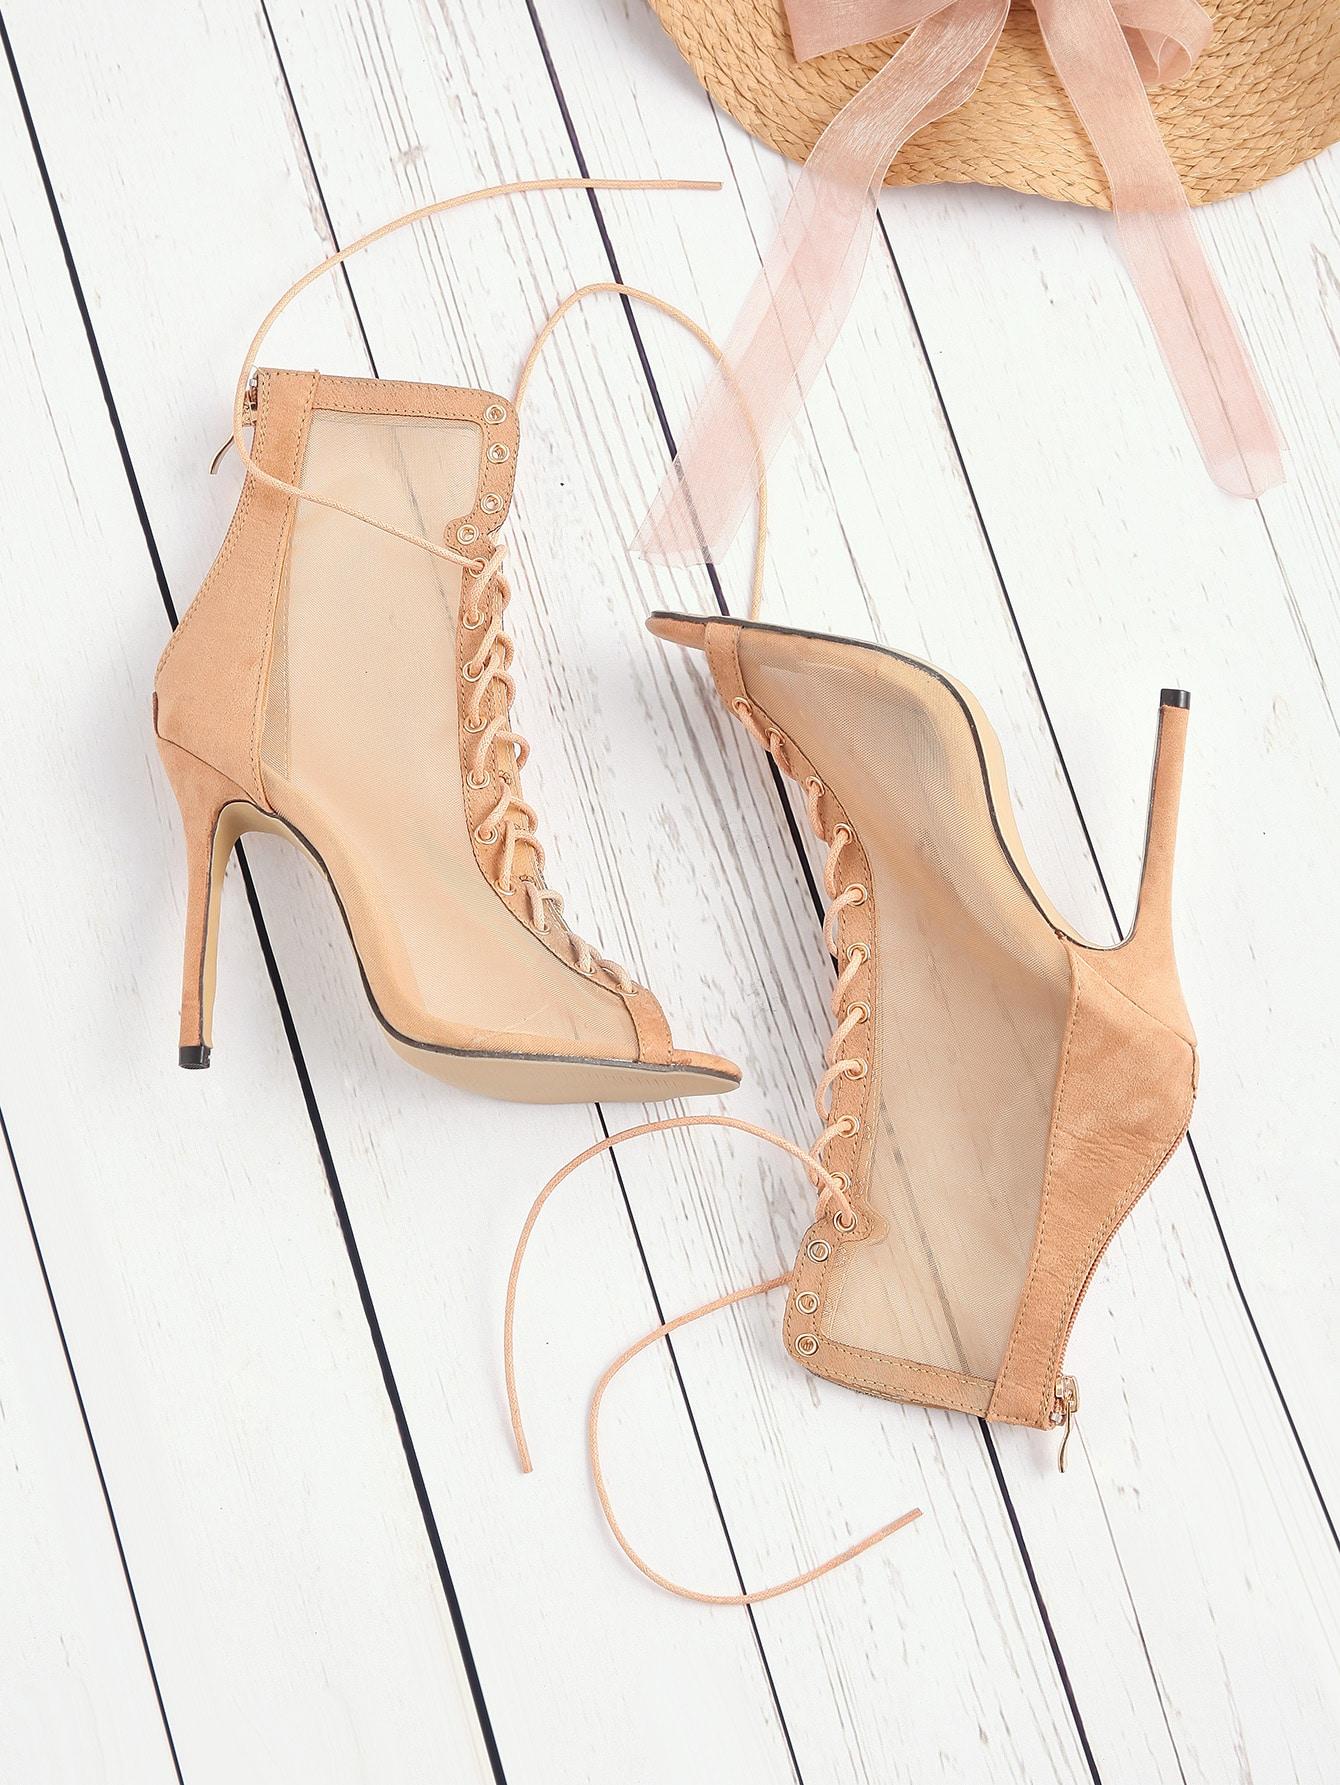 shoes170413801_2